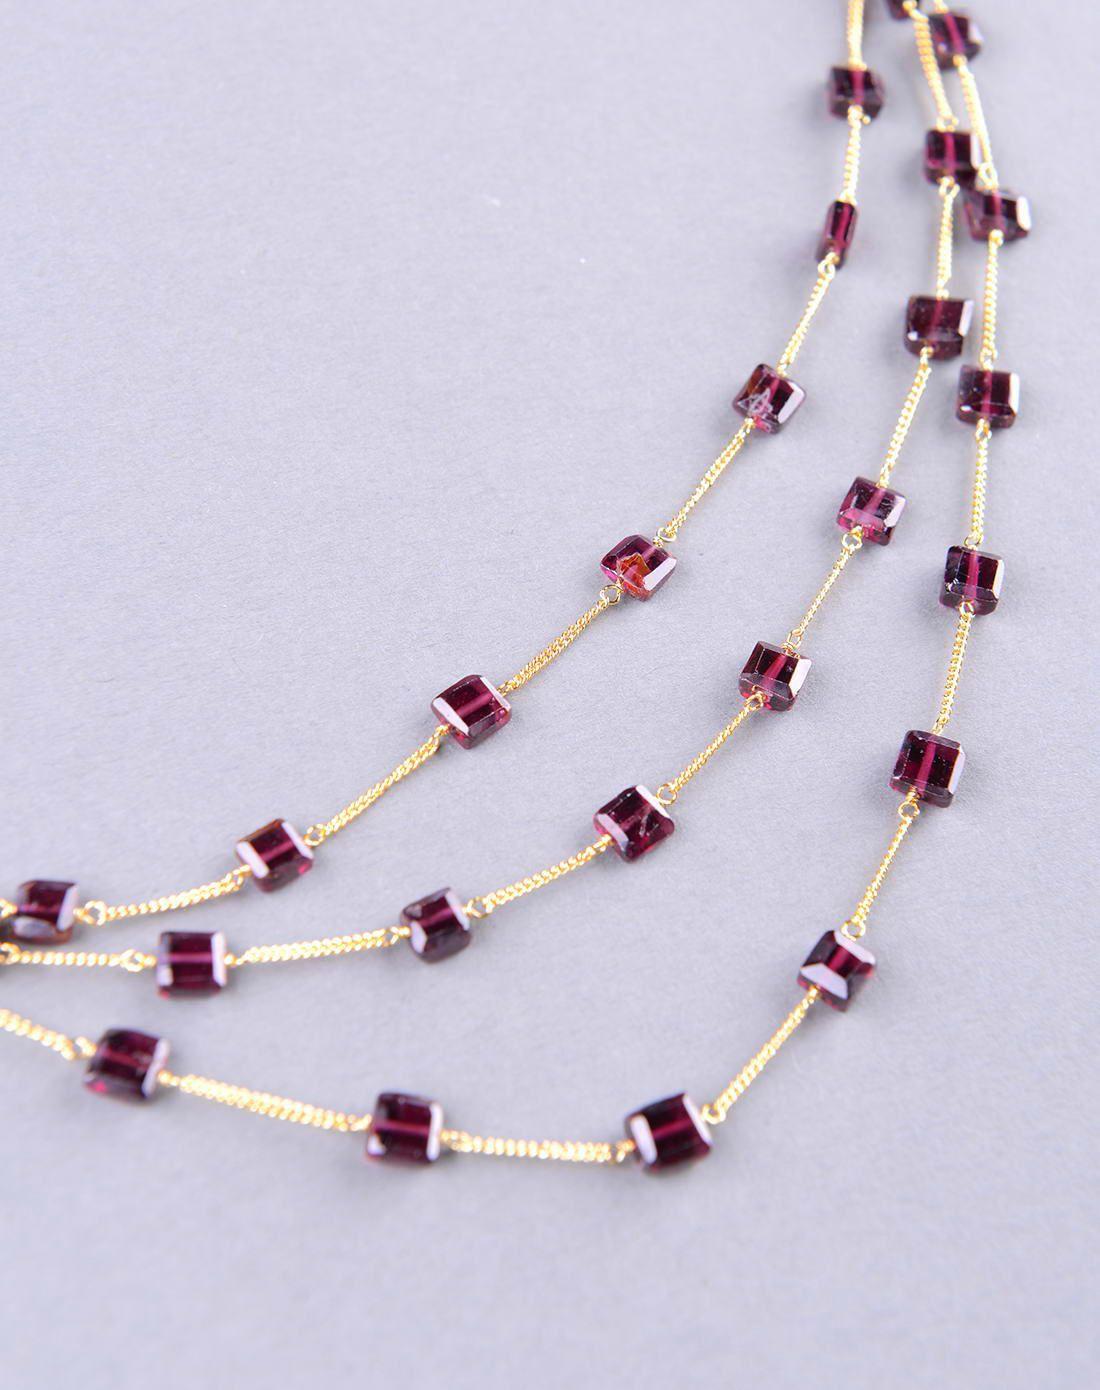 天然石榴石长方形多串编织项链